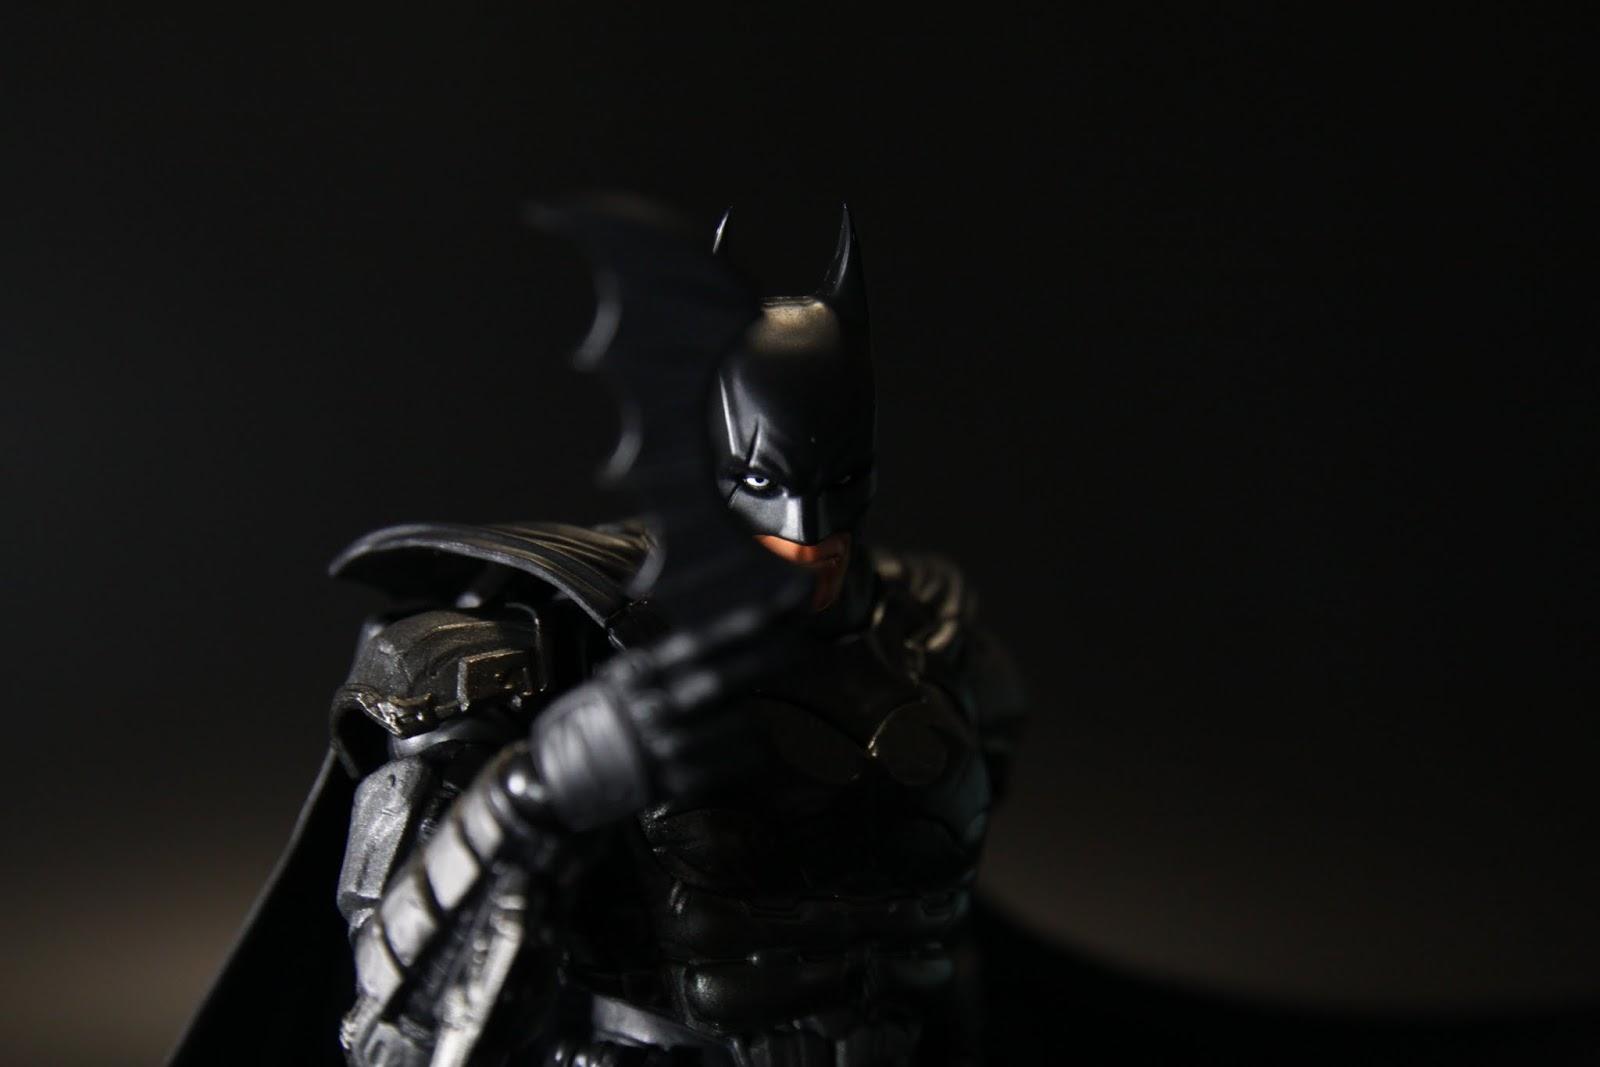 既然是蝙蝠俠那當然要有這個動作